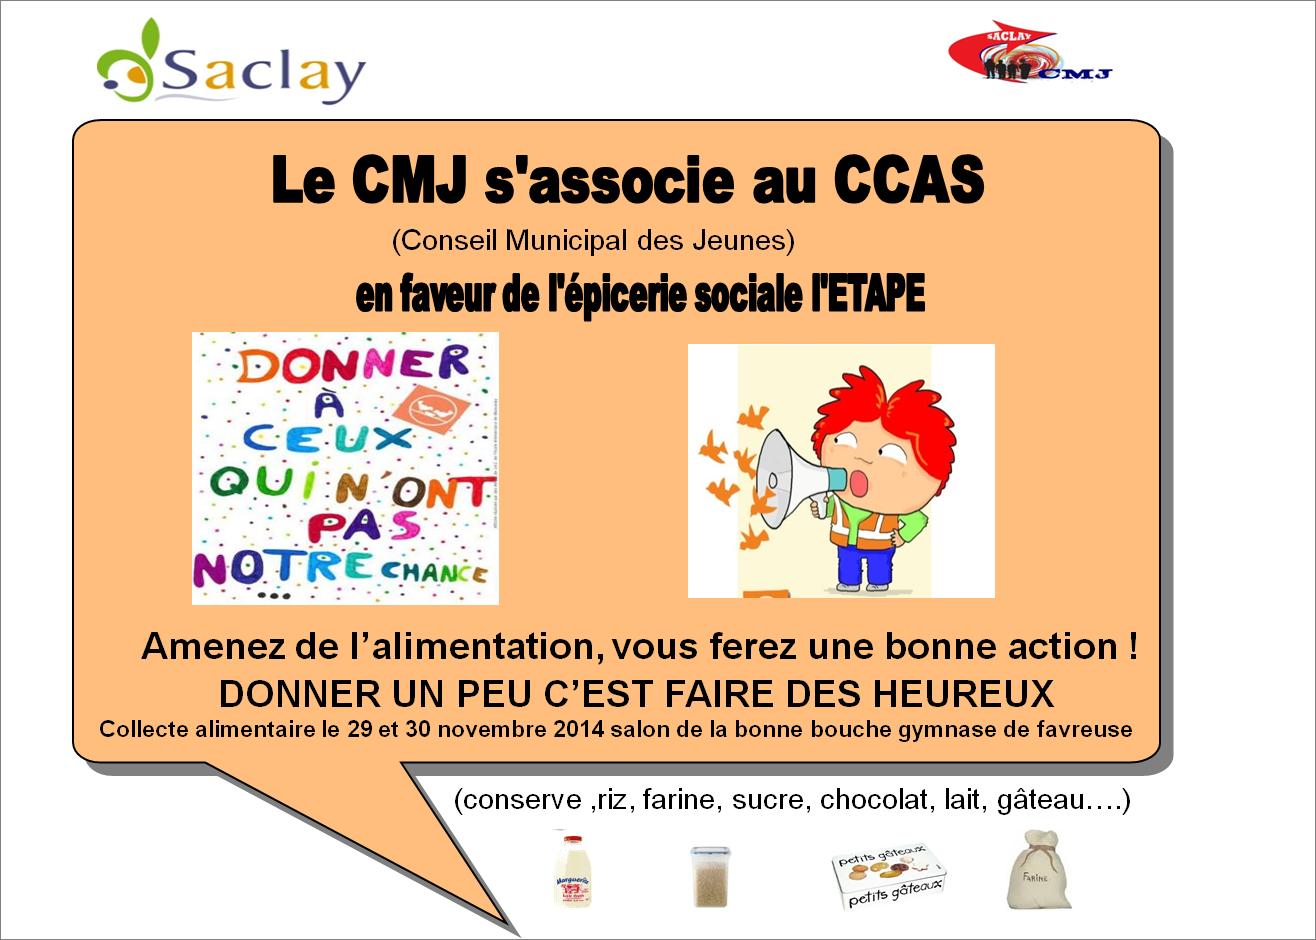 Le CMJ s'associe au CCAS en faveur de l'épicerie sociale l'ETAPE